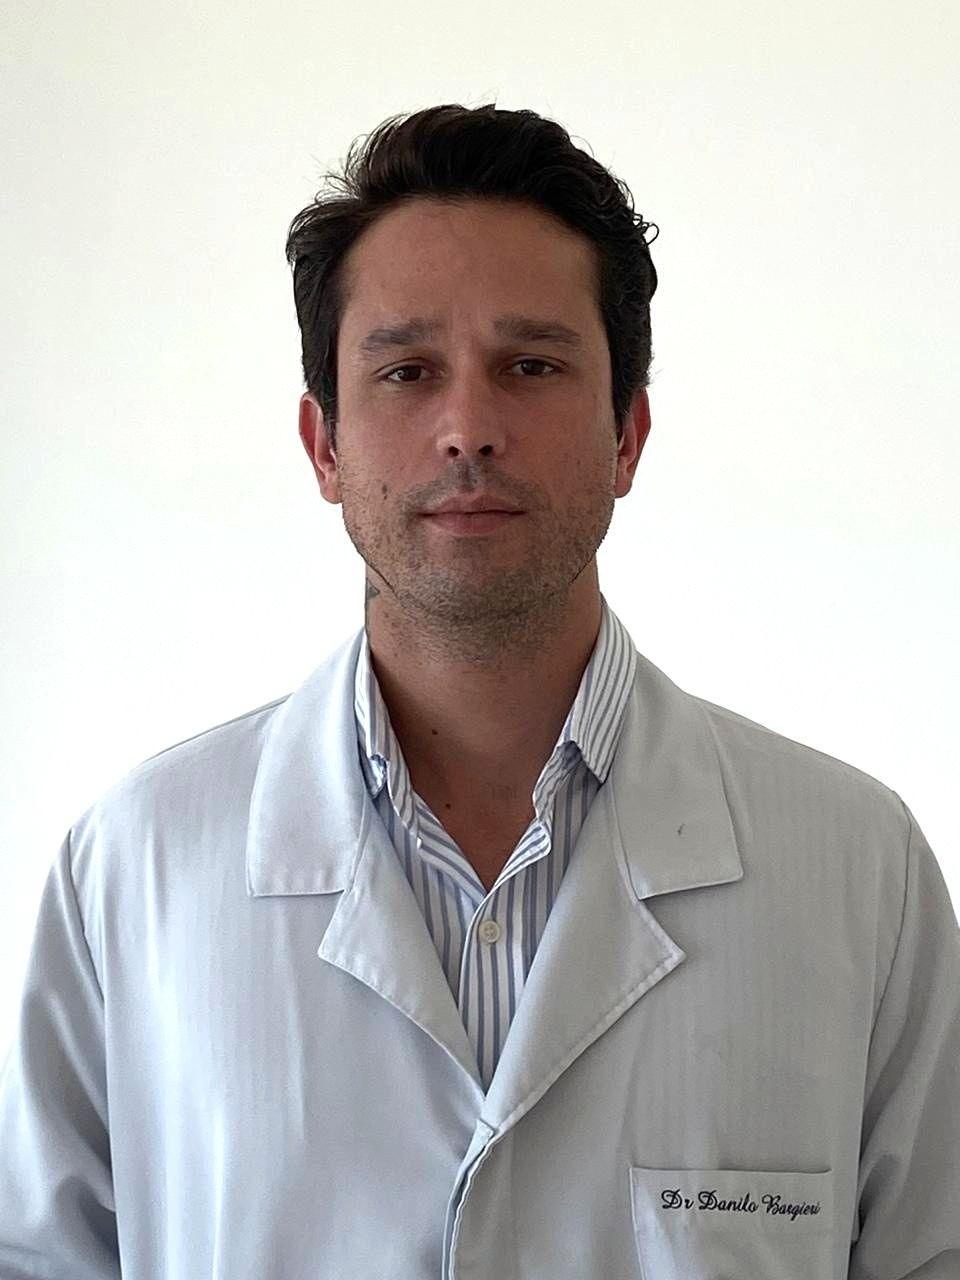 Médico que teve coronavírus cria site de consultas online para tirar dúvidas sobre a doença